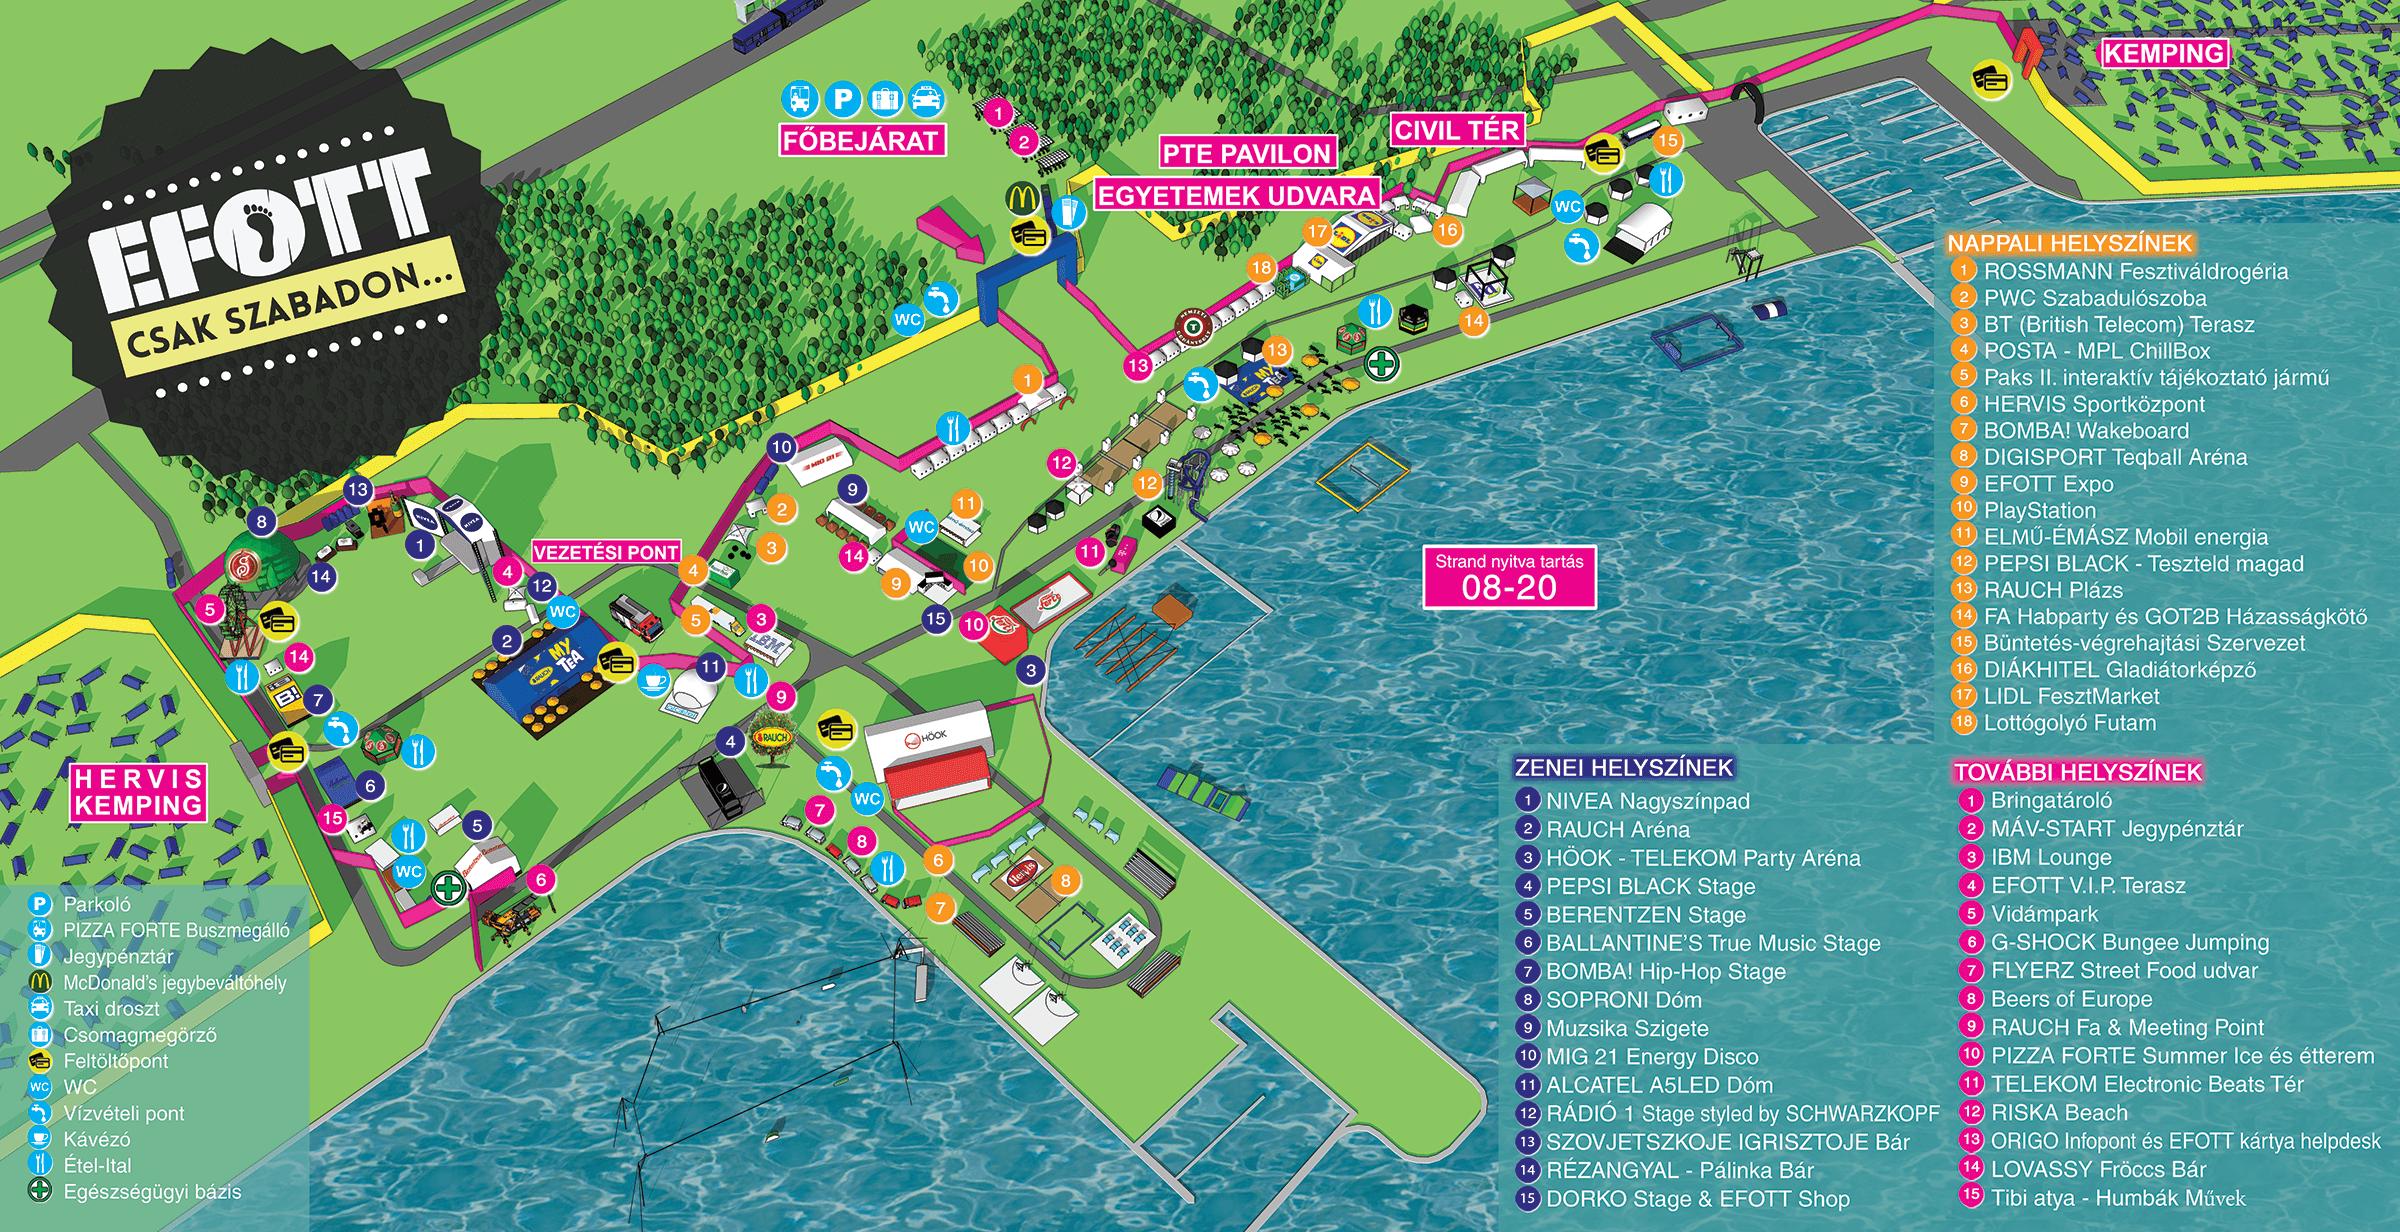 lidl térkép Nyári velencei programajánló: EFOTT | Hírek | infoFehérvár lidl térkép